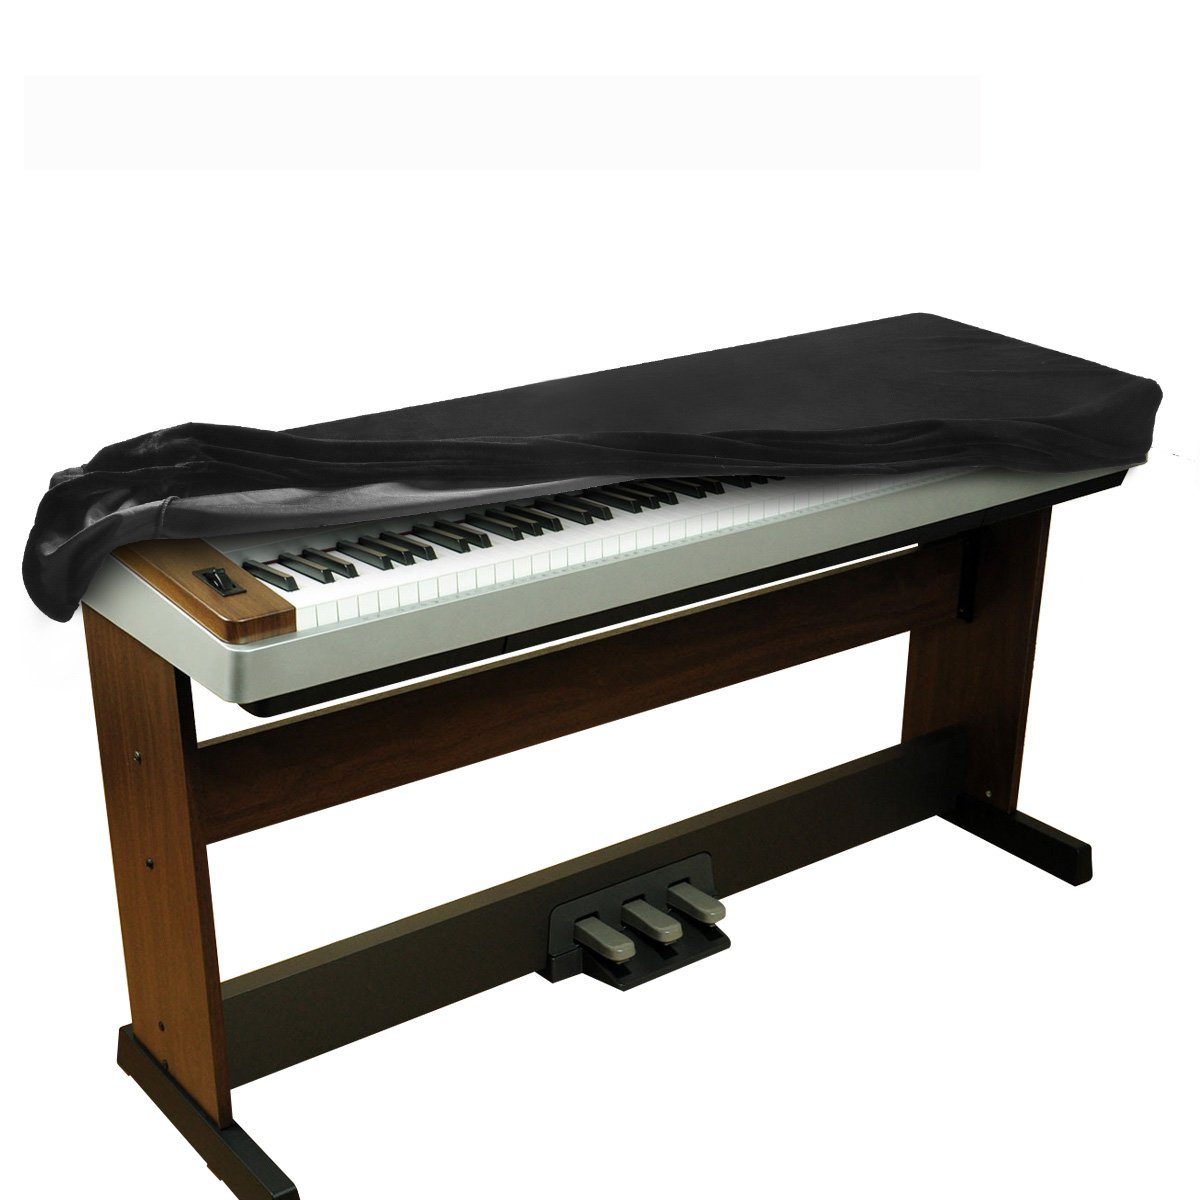 BALFER dehnbare Samt Klavier Tastatur Staub Abdeckung für 88 Tasten-Tastatur(schwarz)